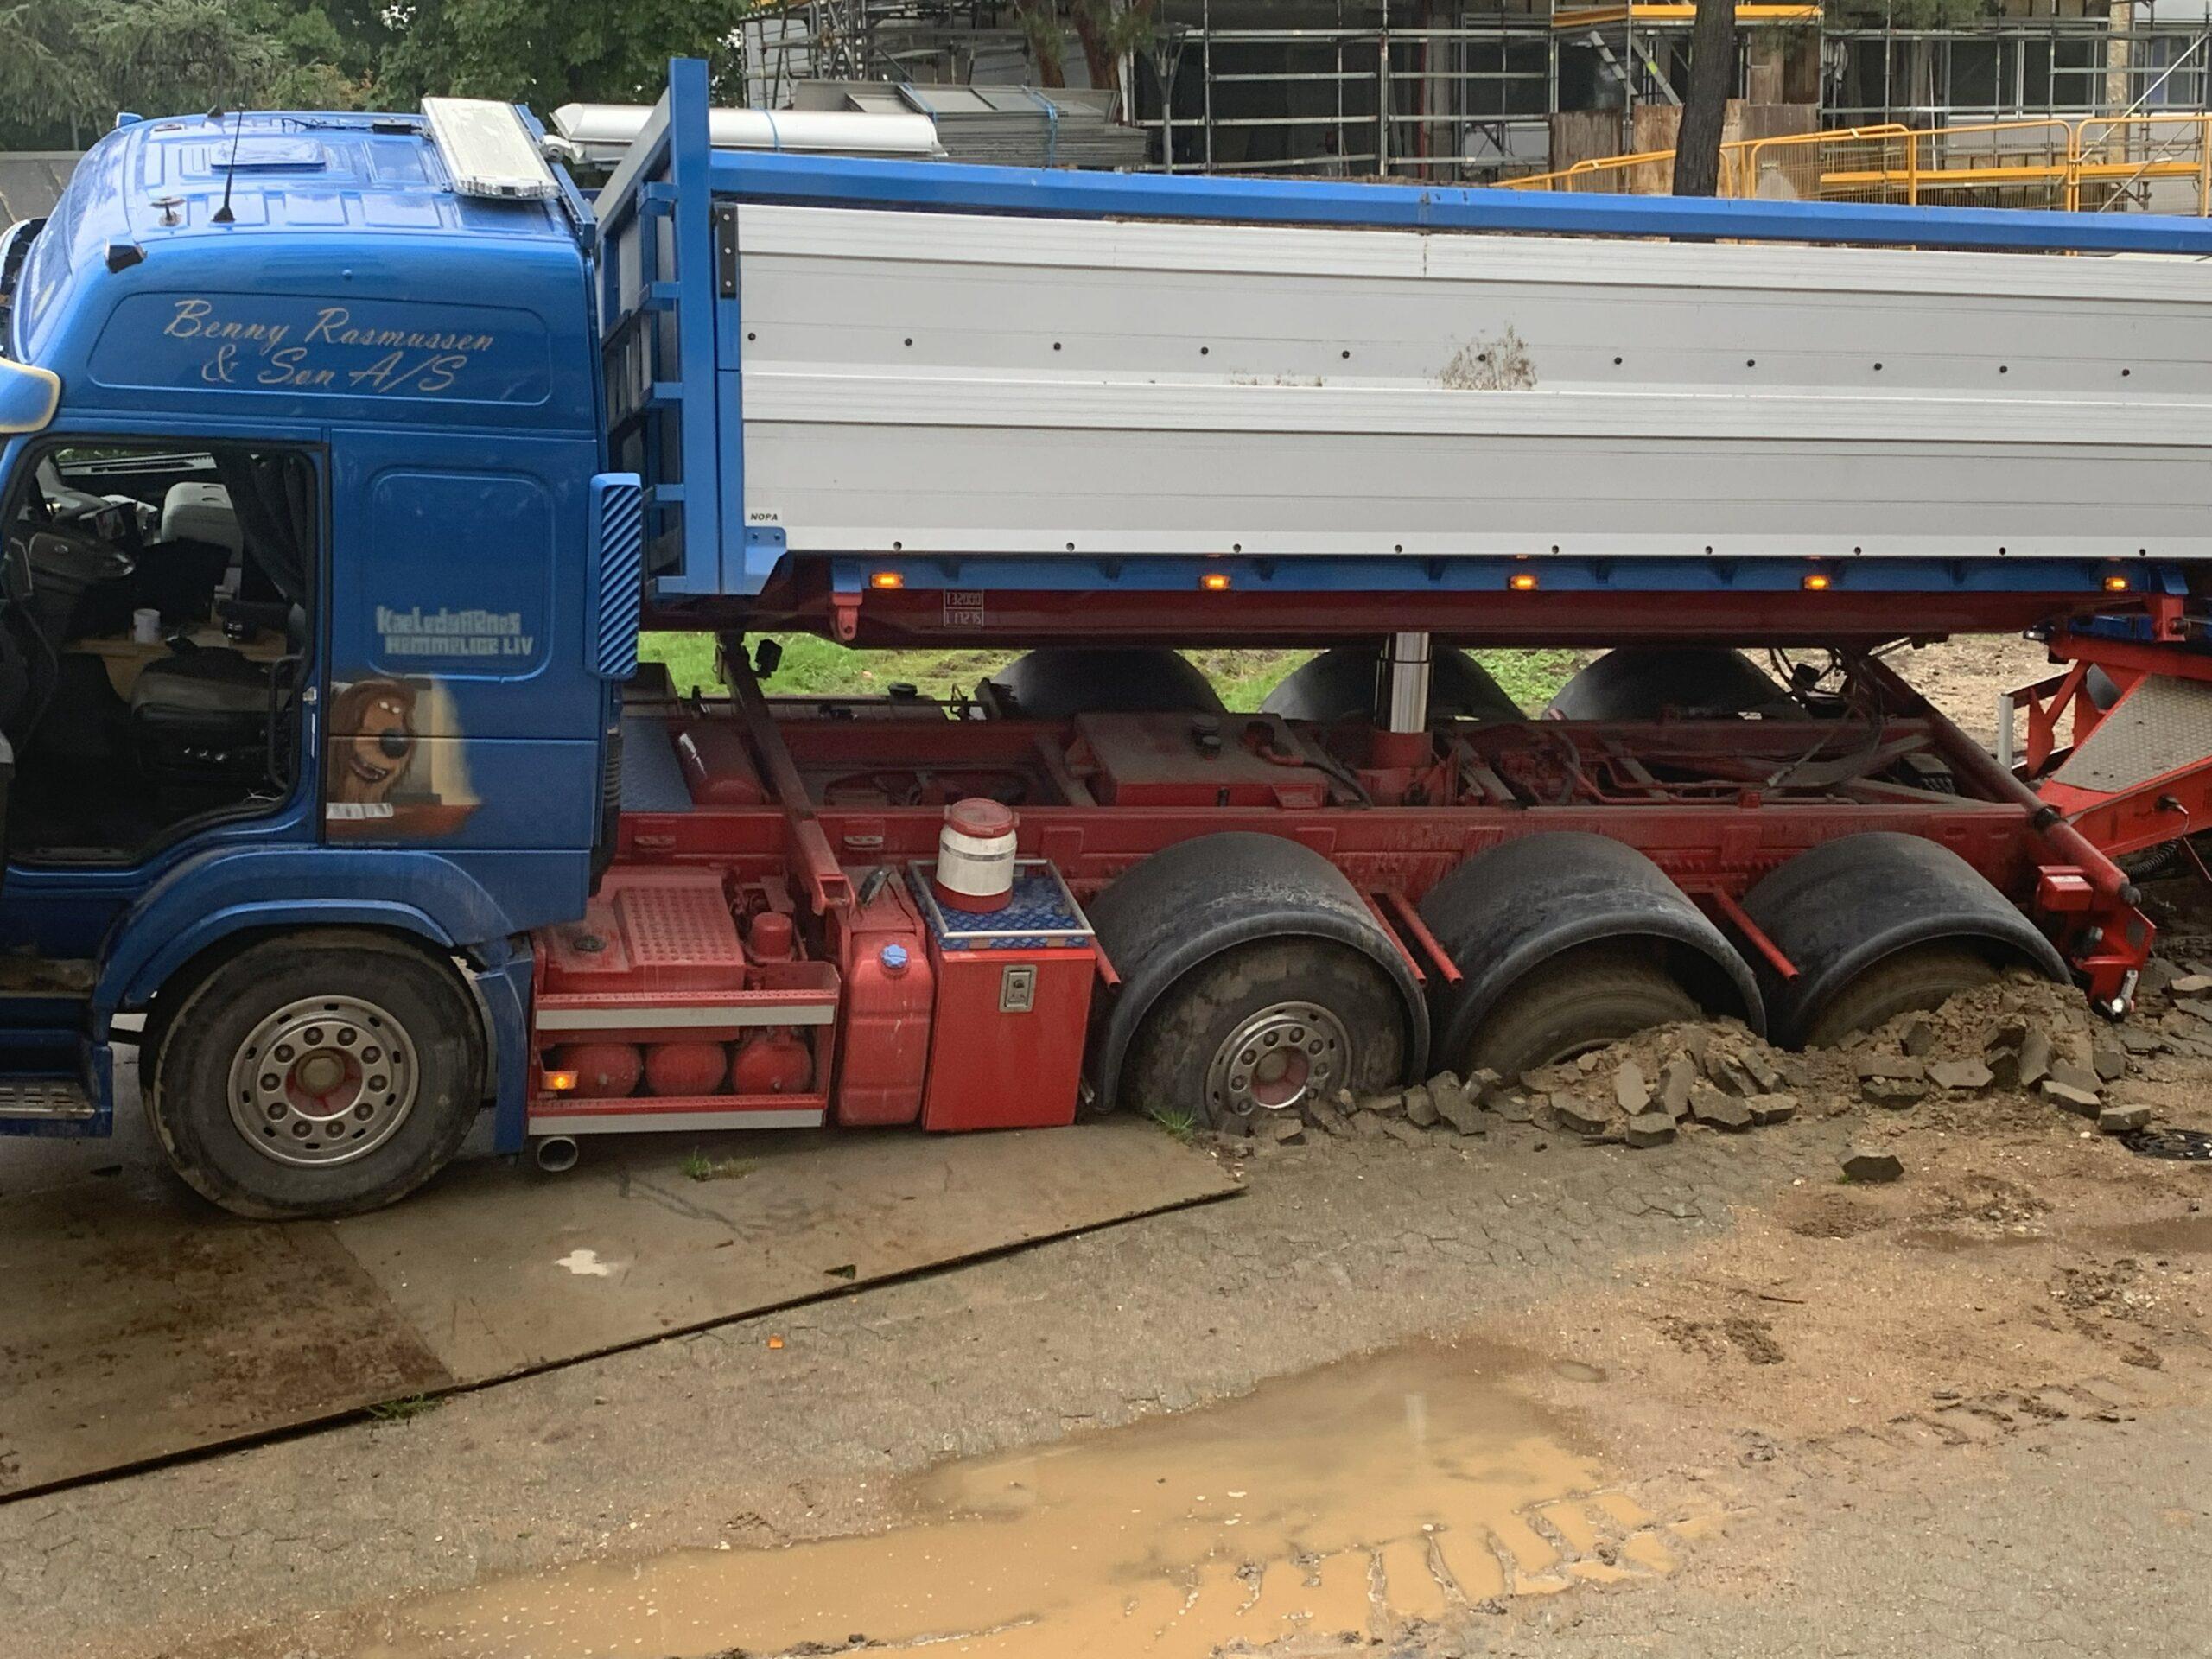 Lige nu: Lastbil sunket ned i sand - i fare for at vælte